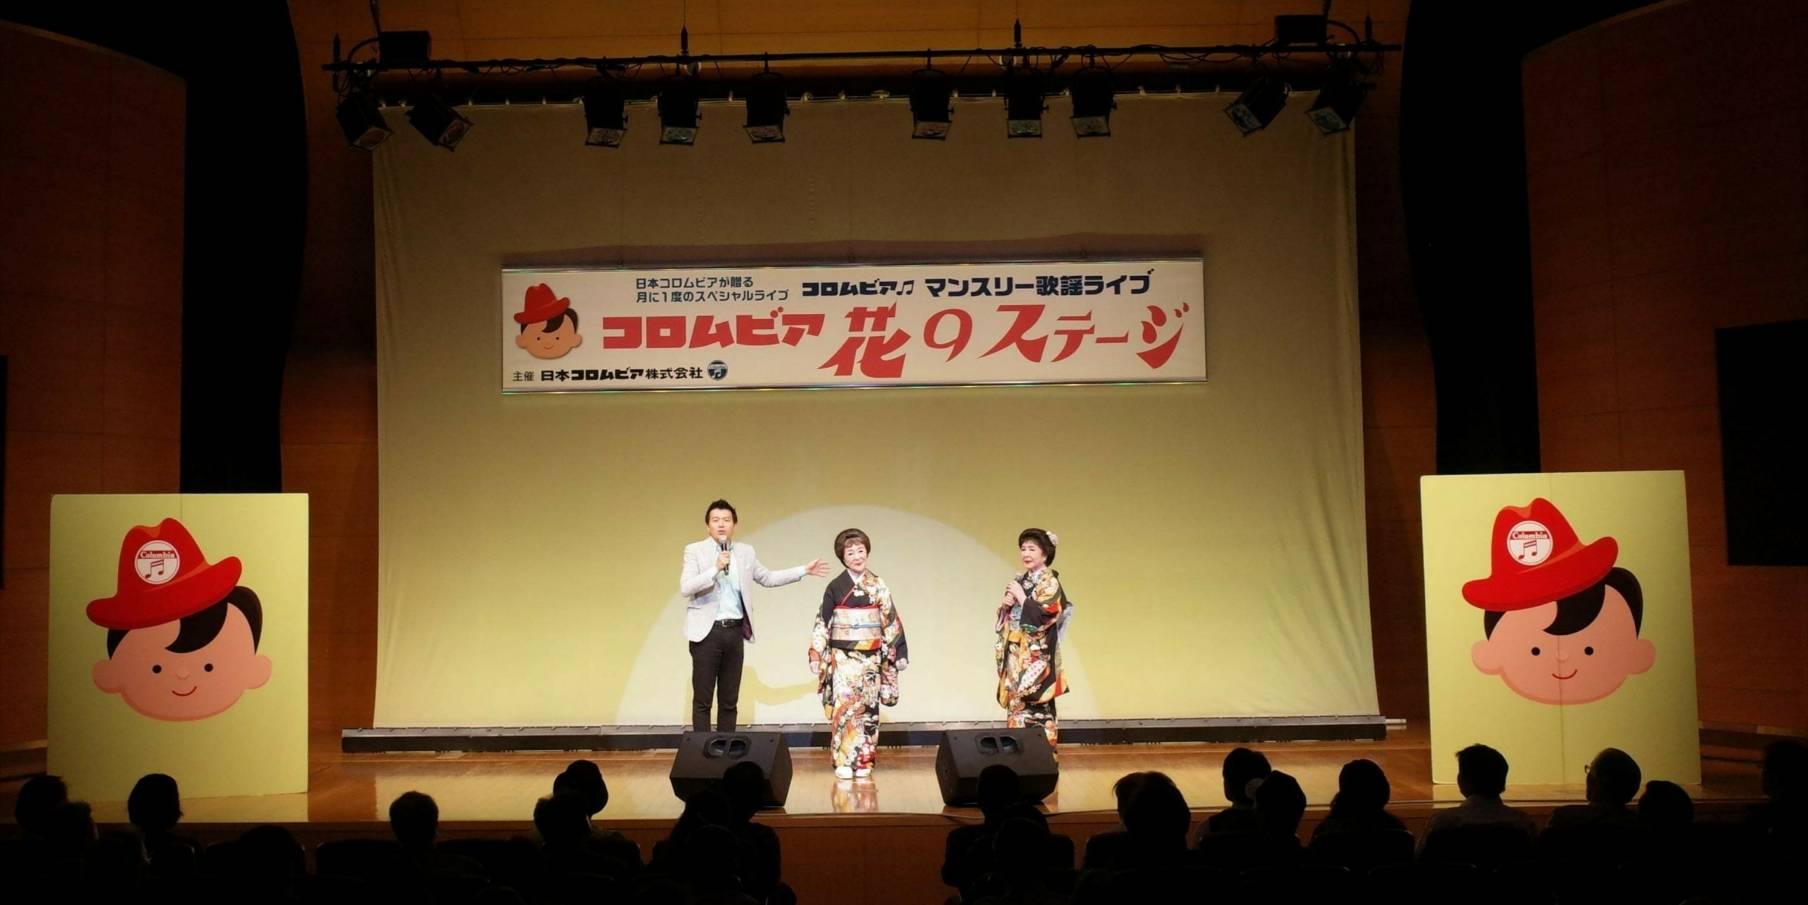 2019.10.9コロムビアマンスリー歌謡ライブ